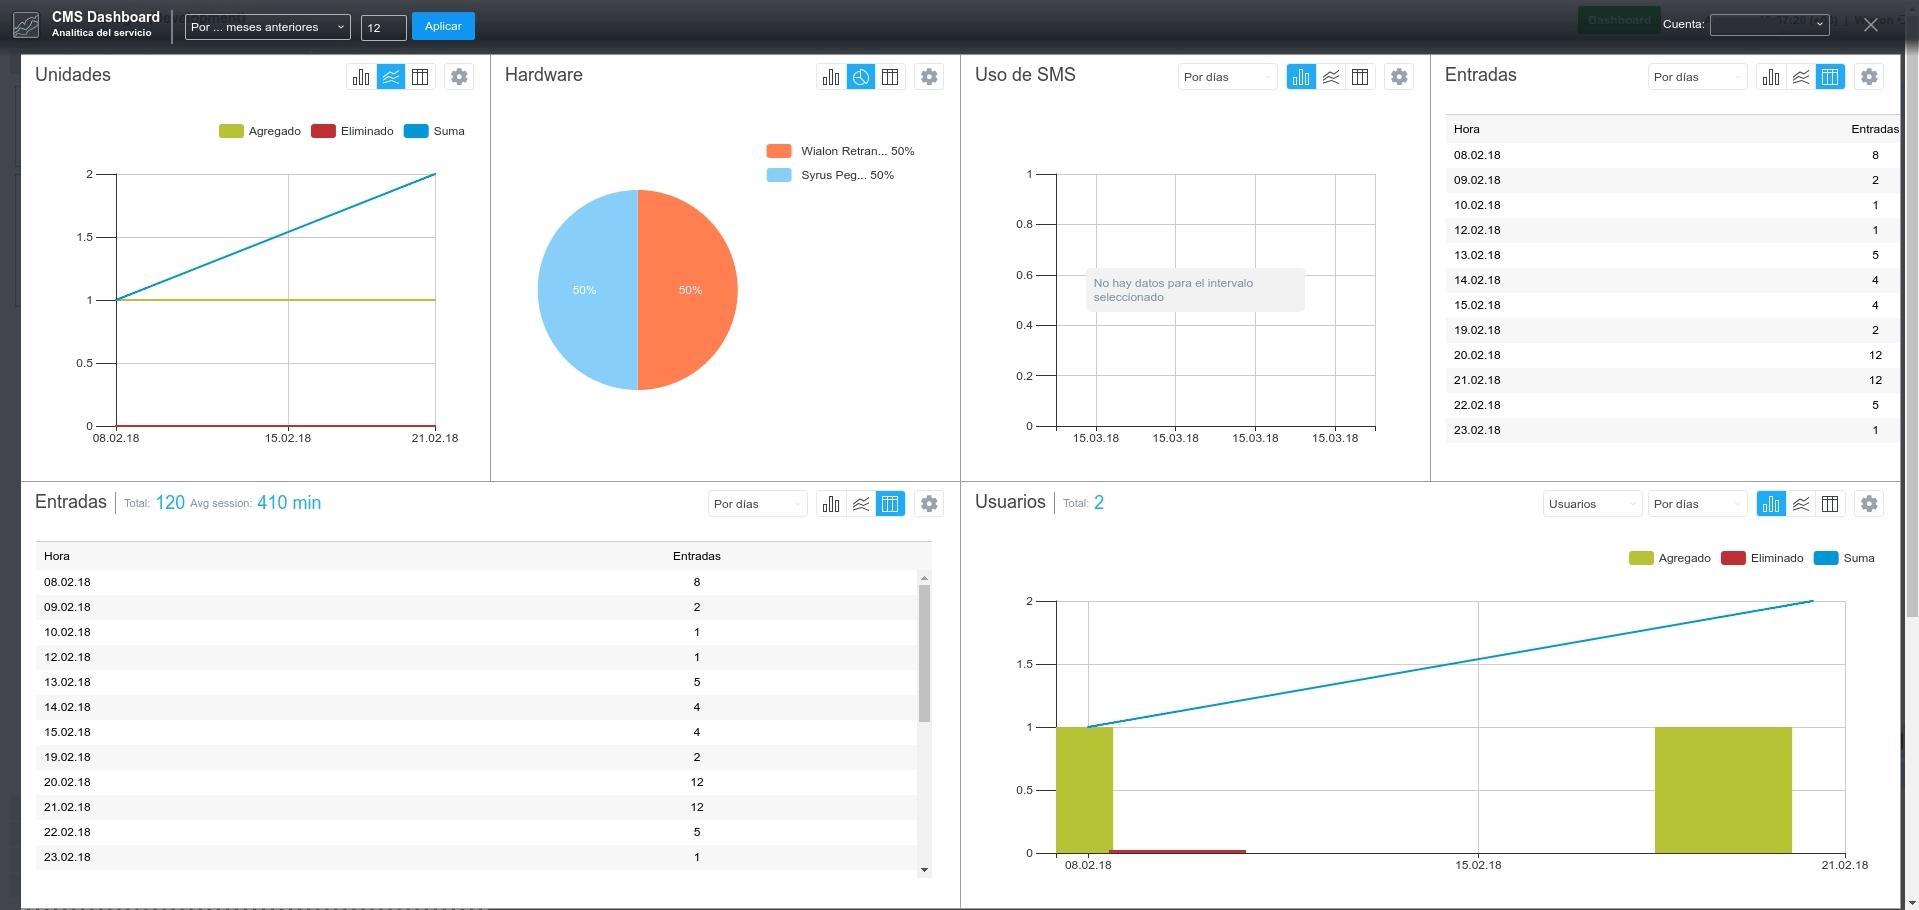 Dashboard en CMS Manager